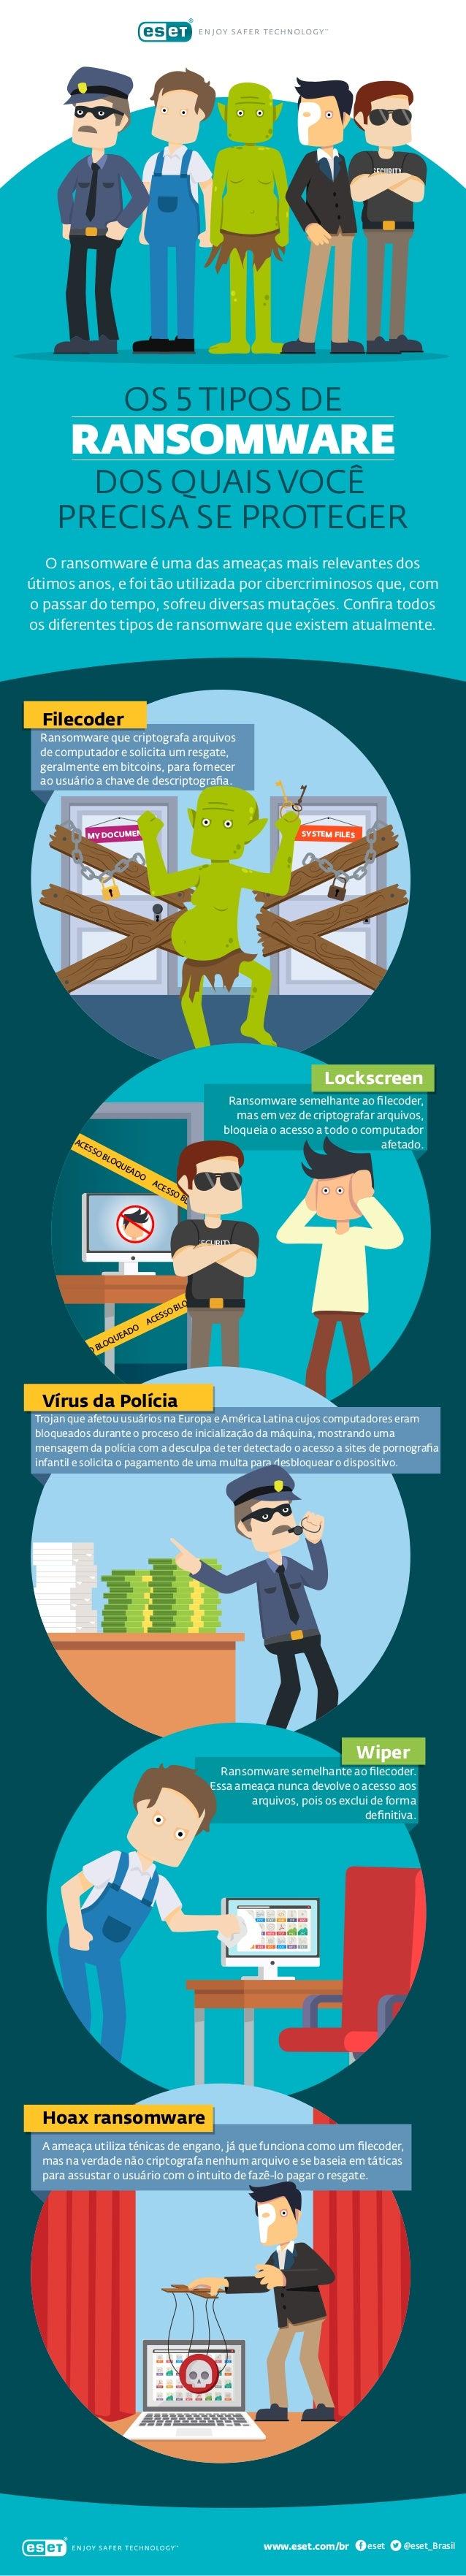 RANSOMWARE OS 5 TIPOS DE DOS QUAIS VOCÊ PRECISA SE PROTEGER O ransomware é uma das ameaças mais relevantes dos útimos anos...